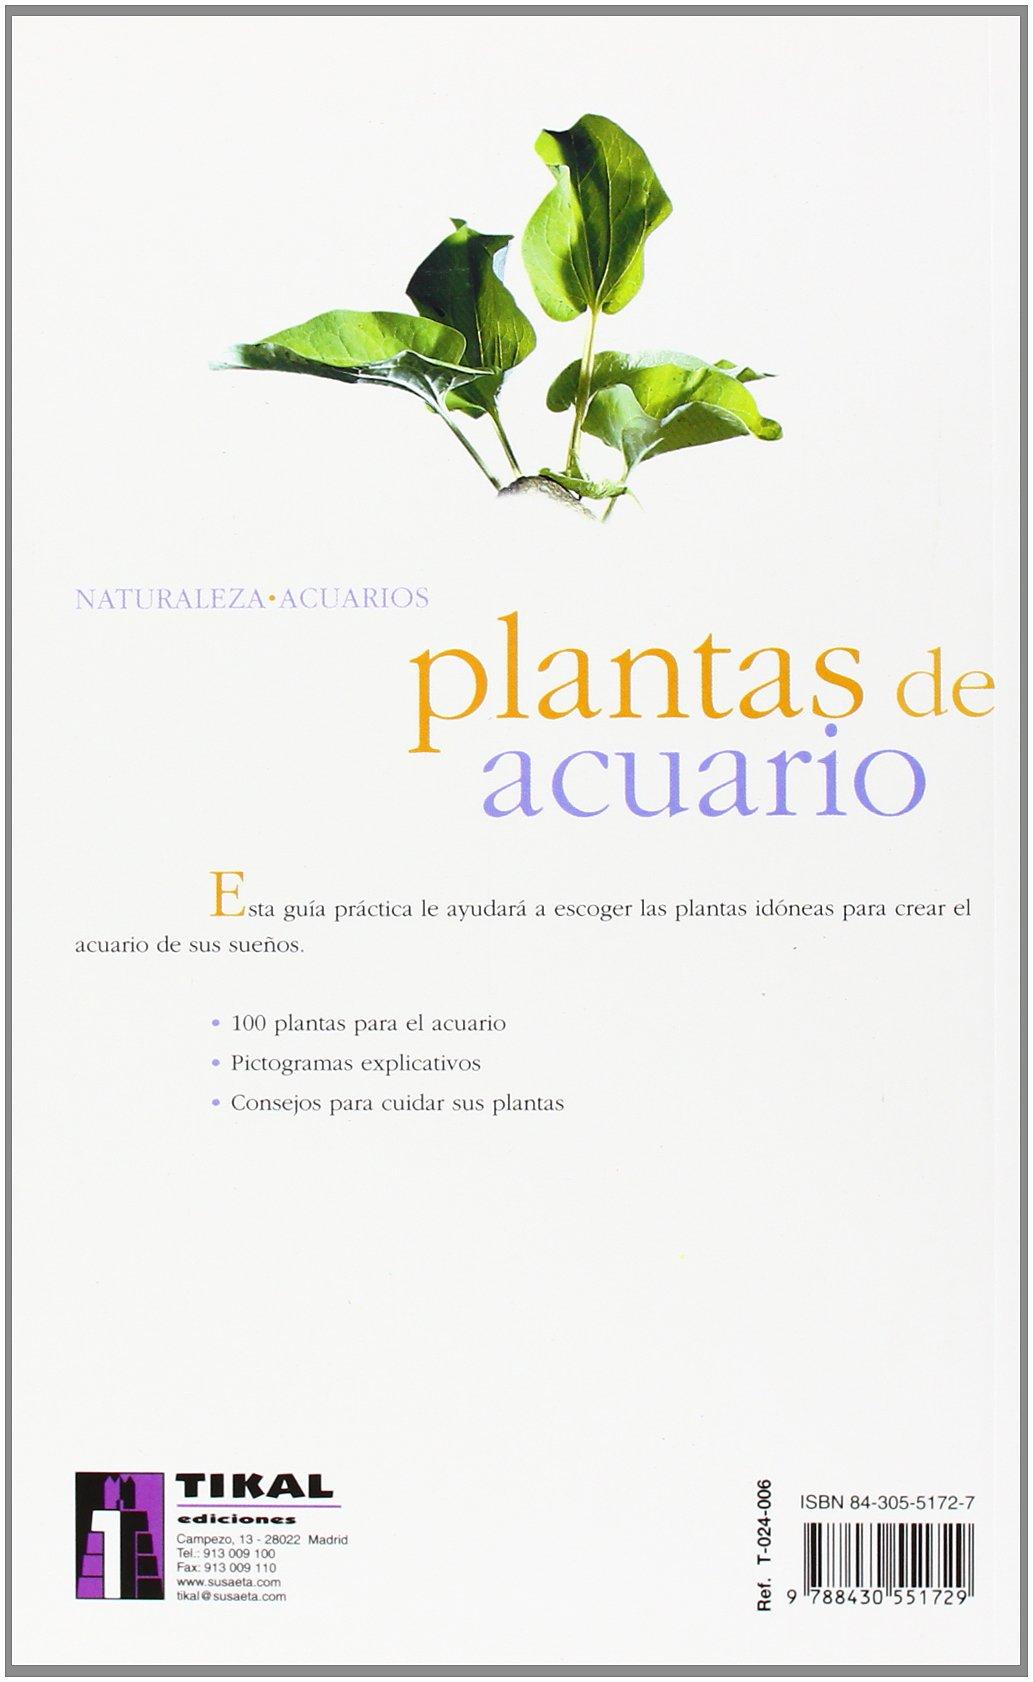 Plantas De Acuario/aquarium Plants (Spanish Edition): Robert Allgayer: 9788430551729: Amazon.com: Books